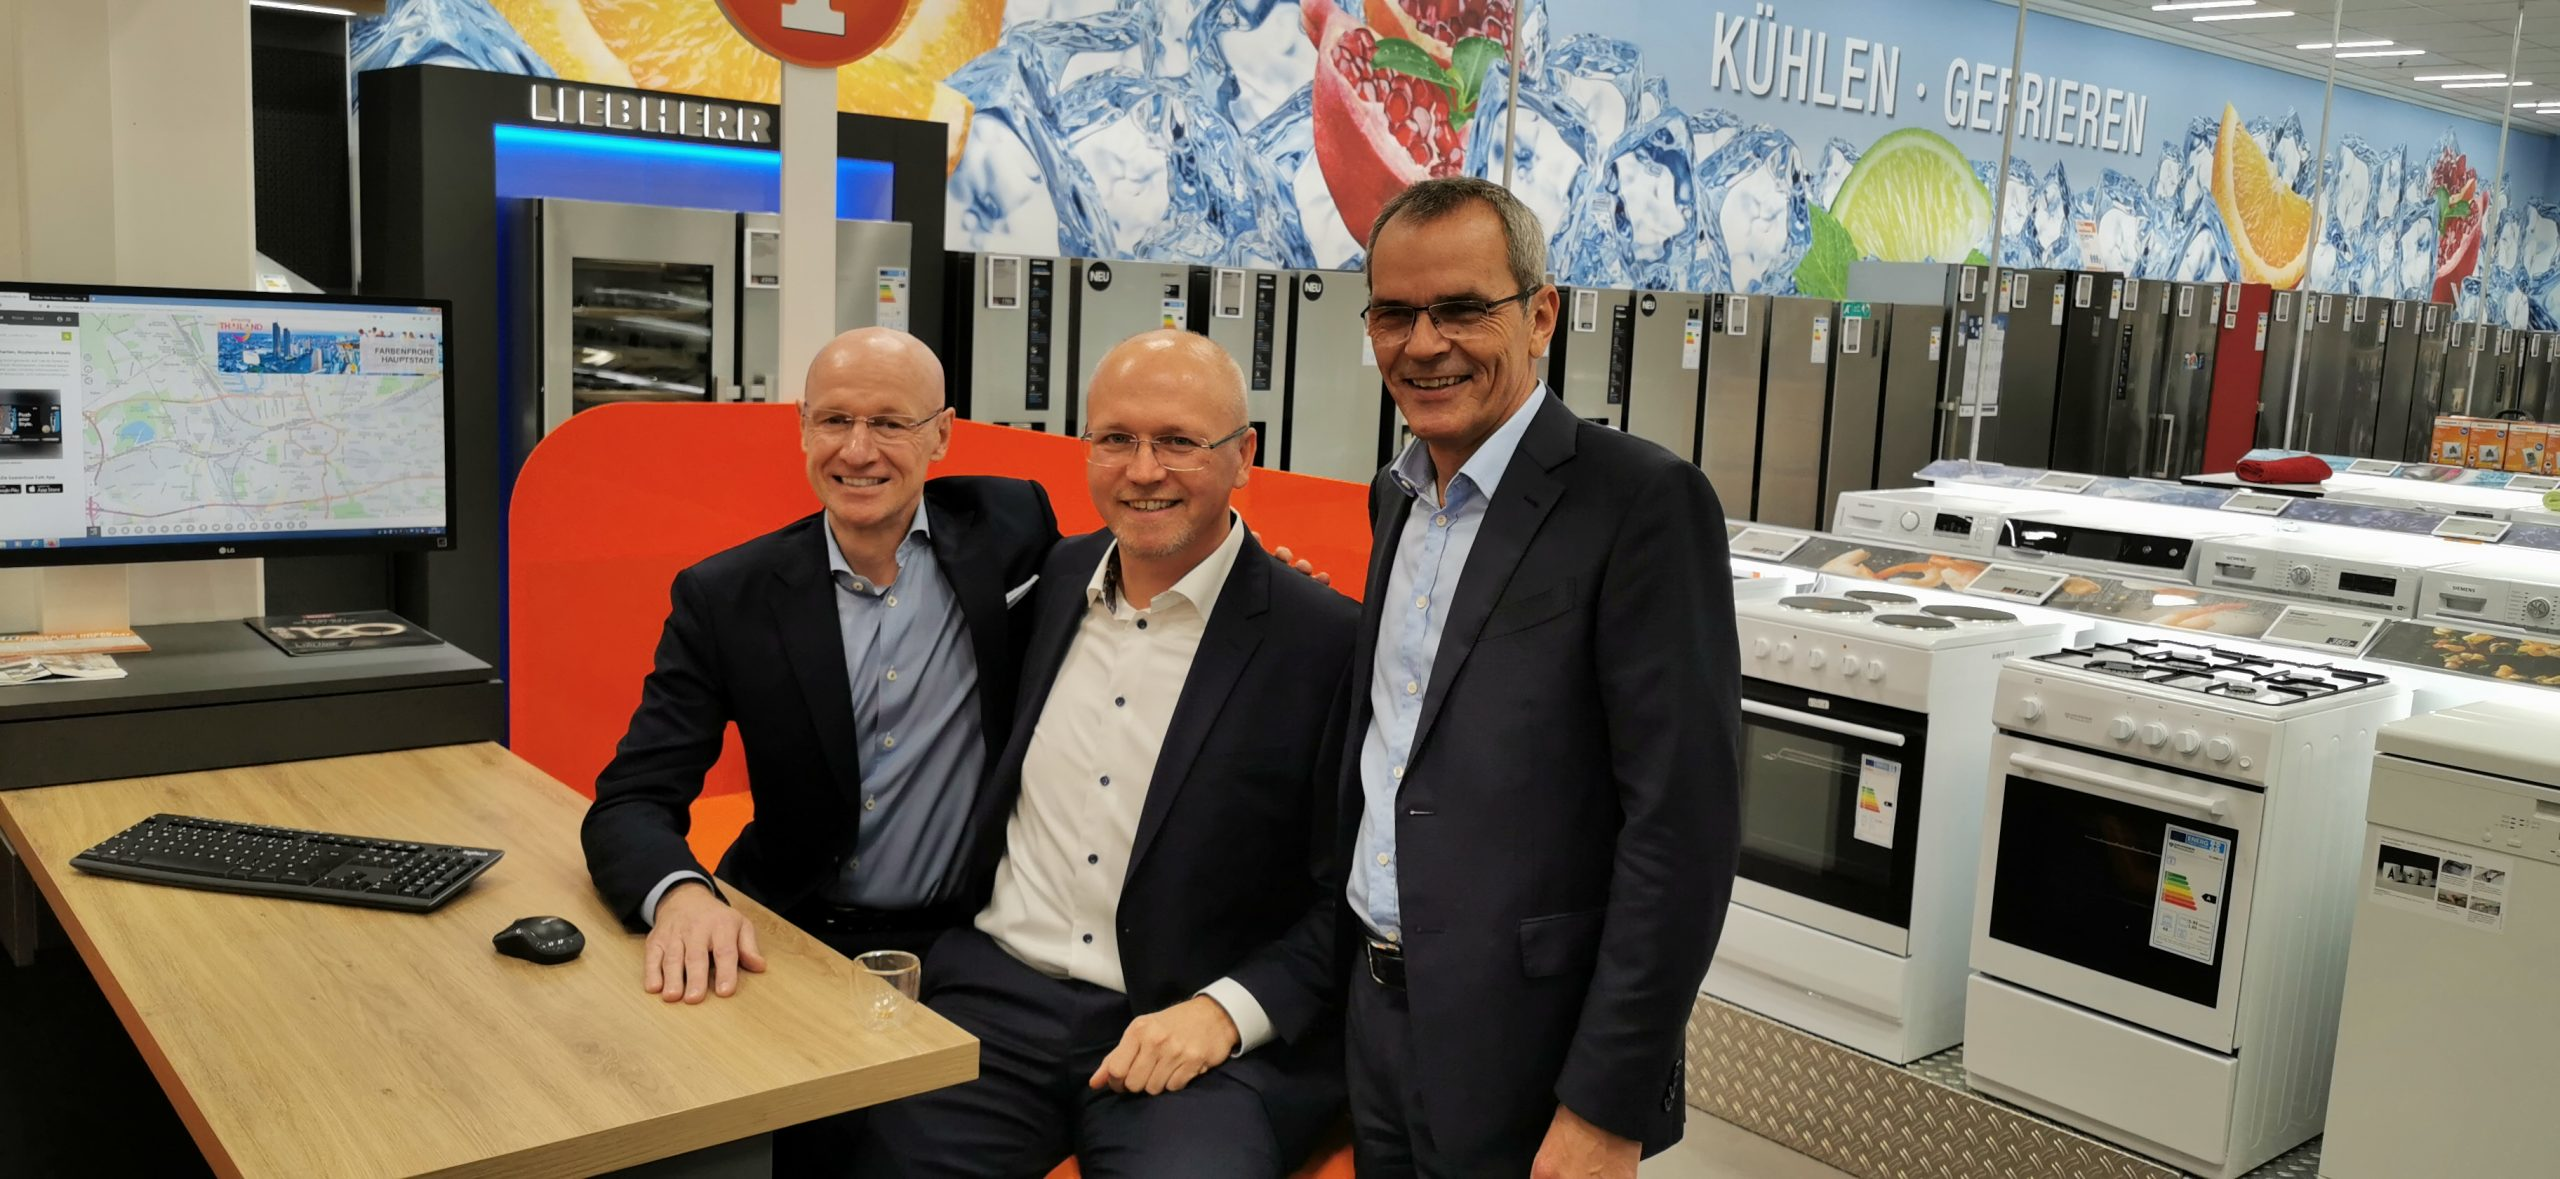 Frank Harder, Christoph Komor und Dr. Stefan Müller auf der Beratungsinsel